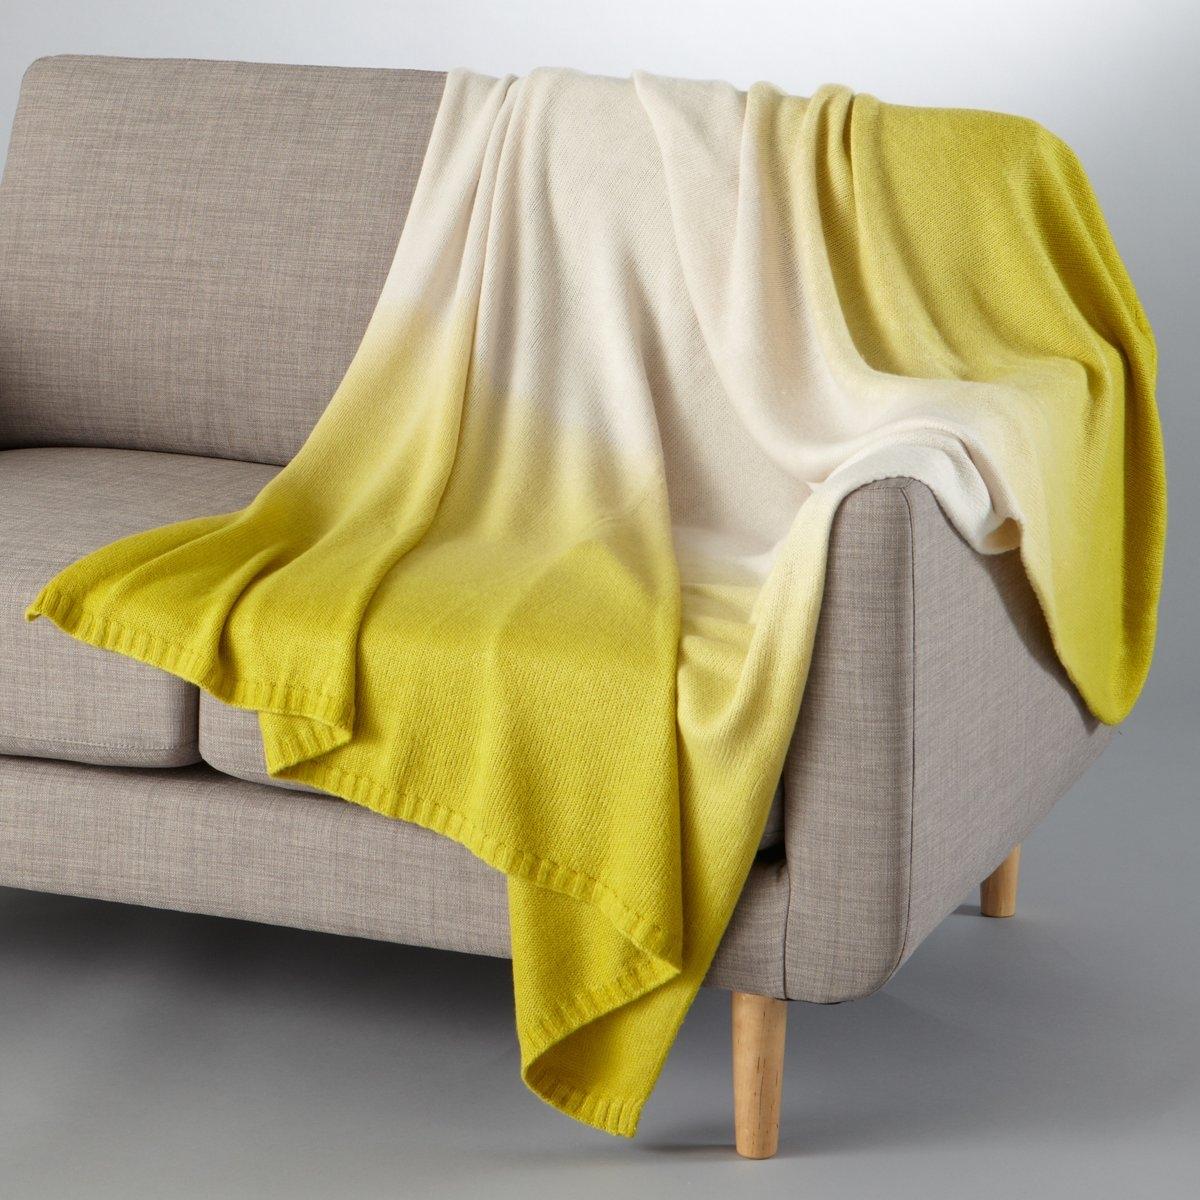 Плед с эффектом деградеПлед Армис. Красивый эффект деграде и мягкий материал из 100% акрила, 600 г/м?. Края связаны в рубчик по ширине. Размер: 130 х 170 см. Стирка при 30°.<br><br>Цвет: зелено-желтый/серо-бежевый,темно-серый/серый<br>Размер: 130 x 170 см